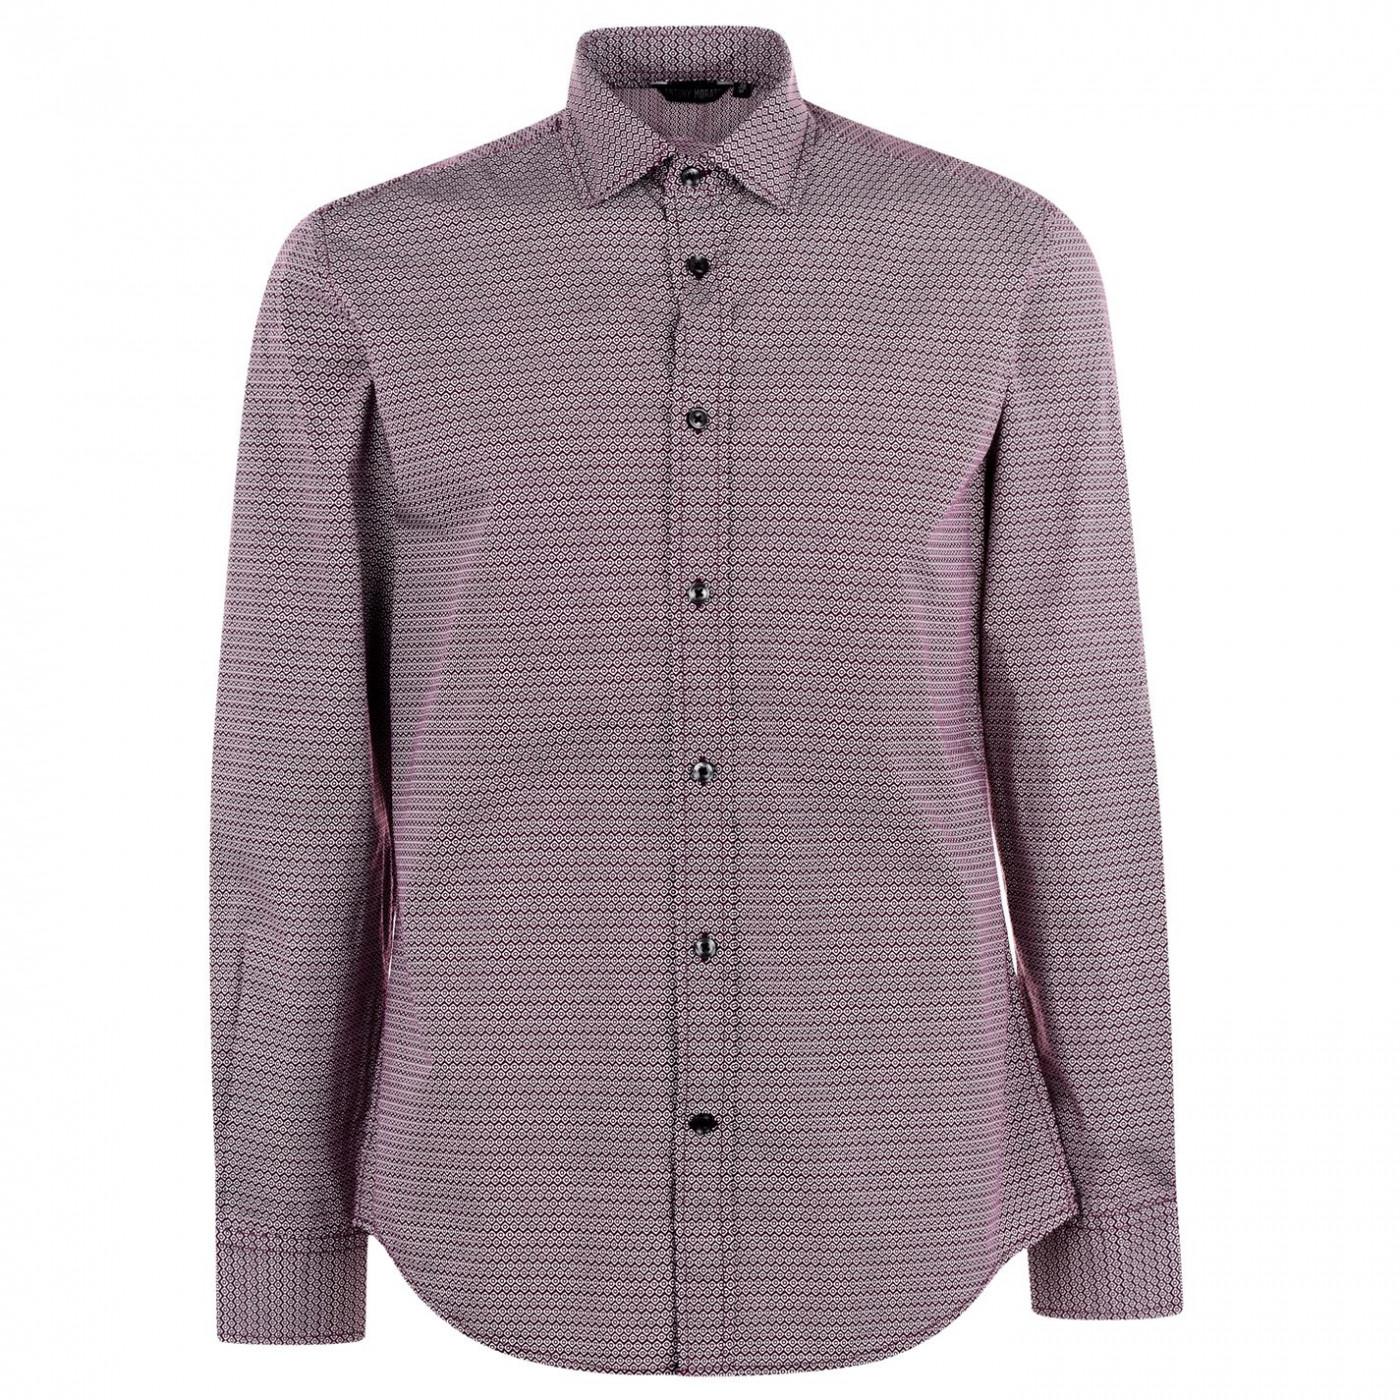 Antony Morato Long Sleeve Patterned Shirt